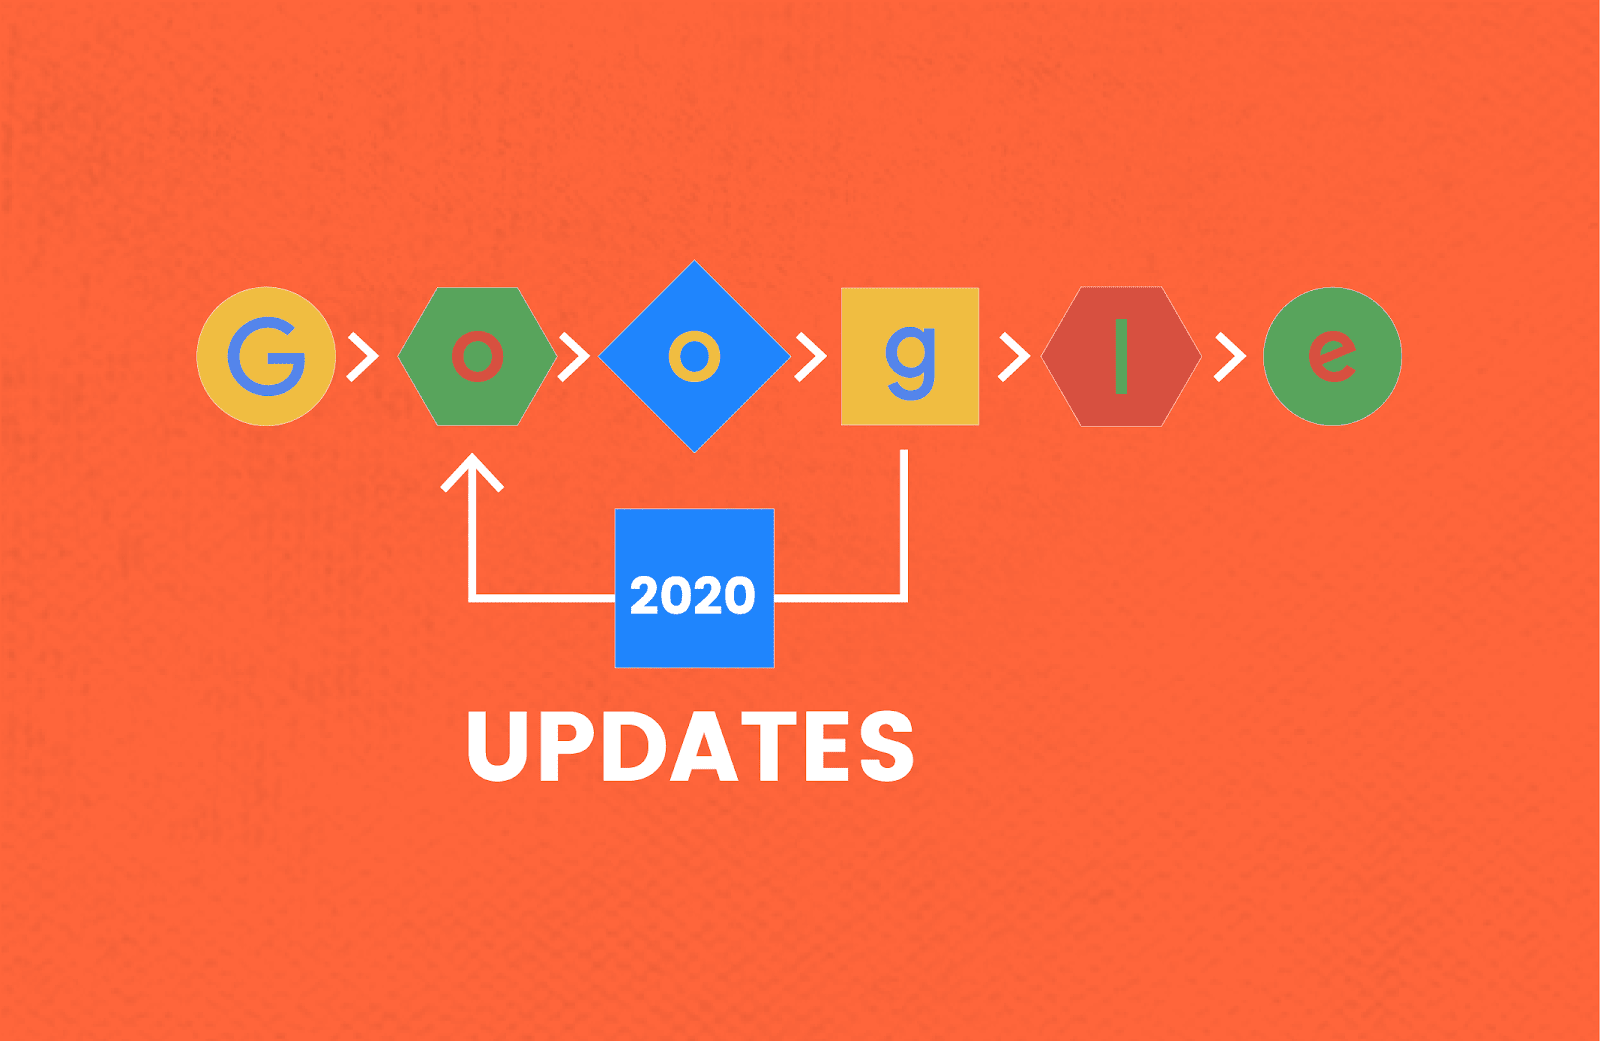 Tóm tắt nội dung cập nhật thuật toán tìm kiếm của Google năm 2020 |  Bốn chấm